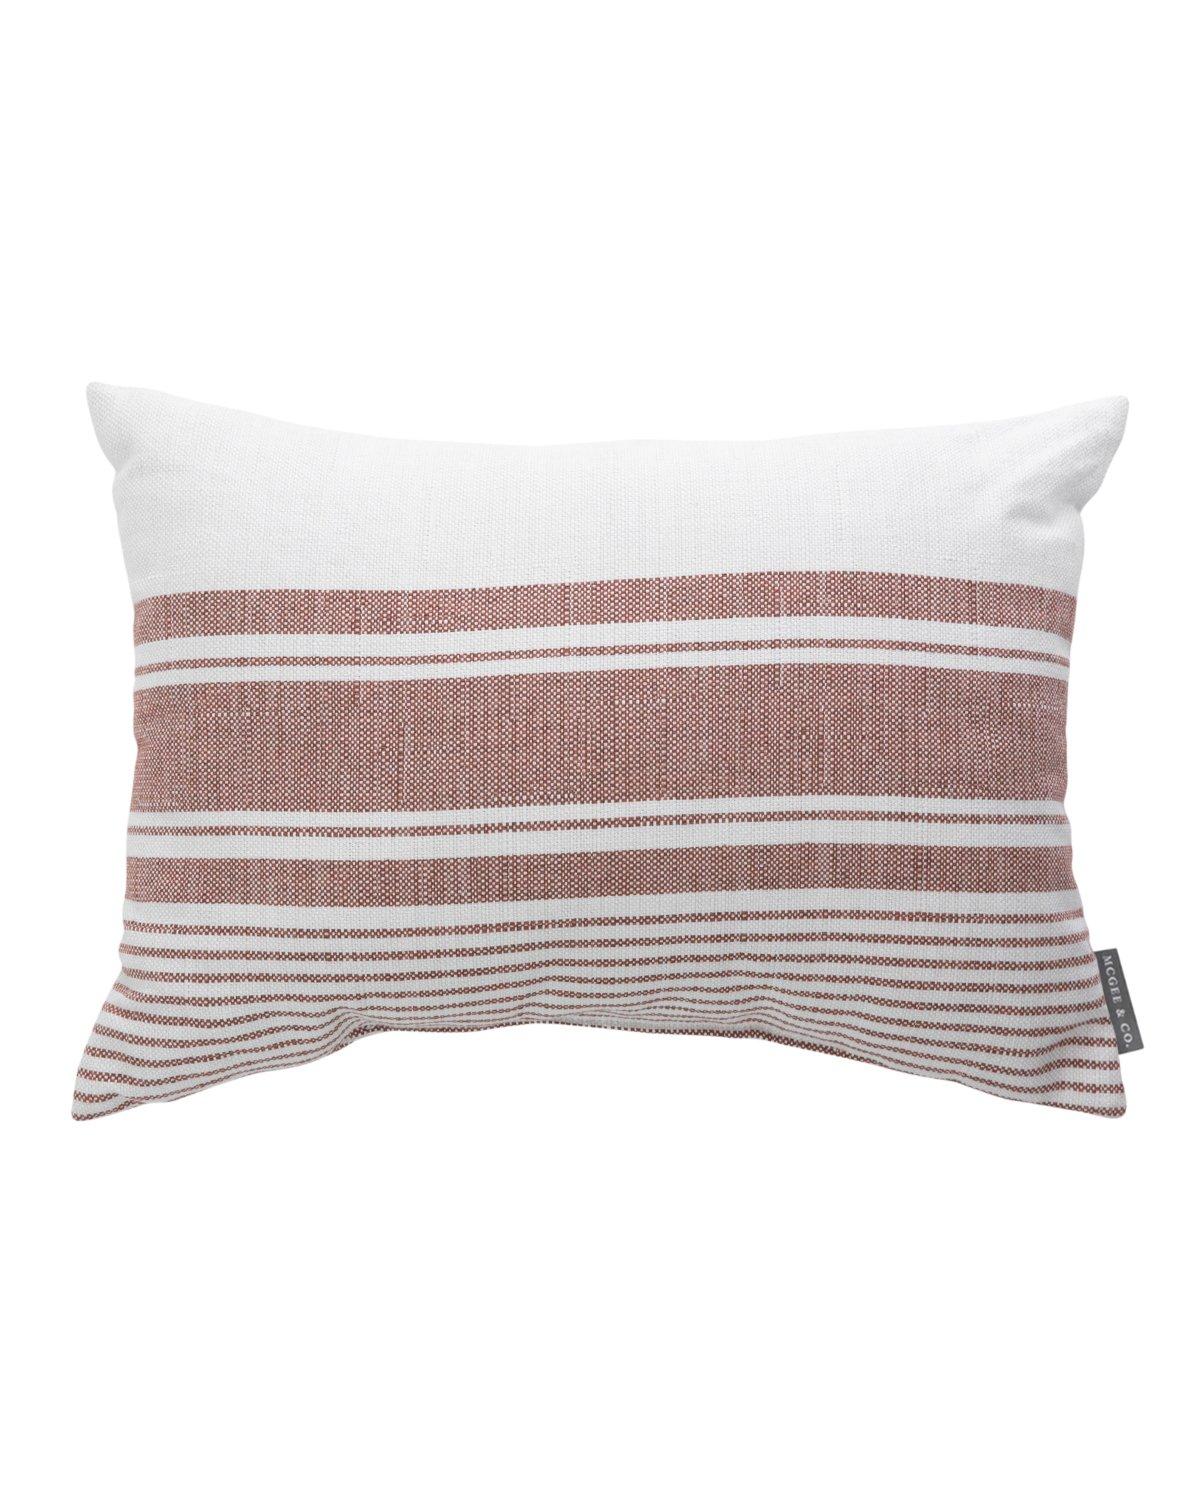 Sierra_Stripe_Indoor_Outdoor_Pillow3_8f181782-f572-401a-b70c-2144c85308c6.jpg